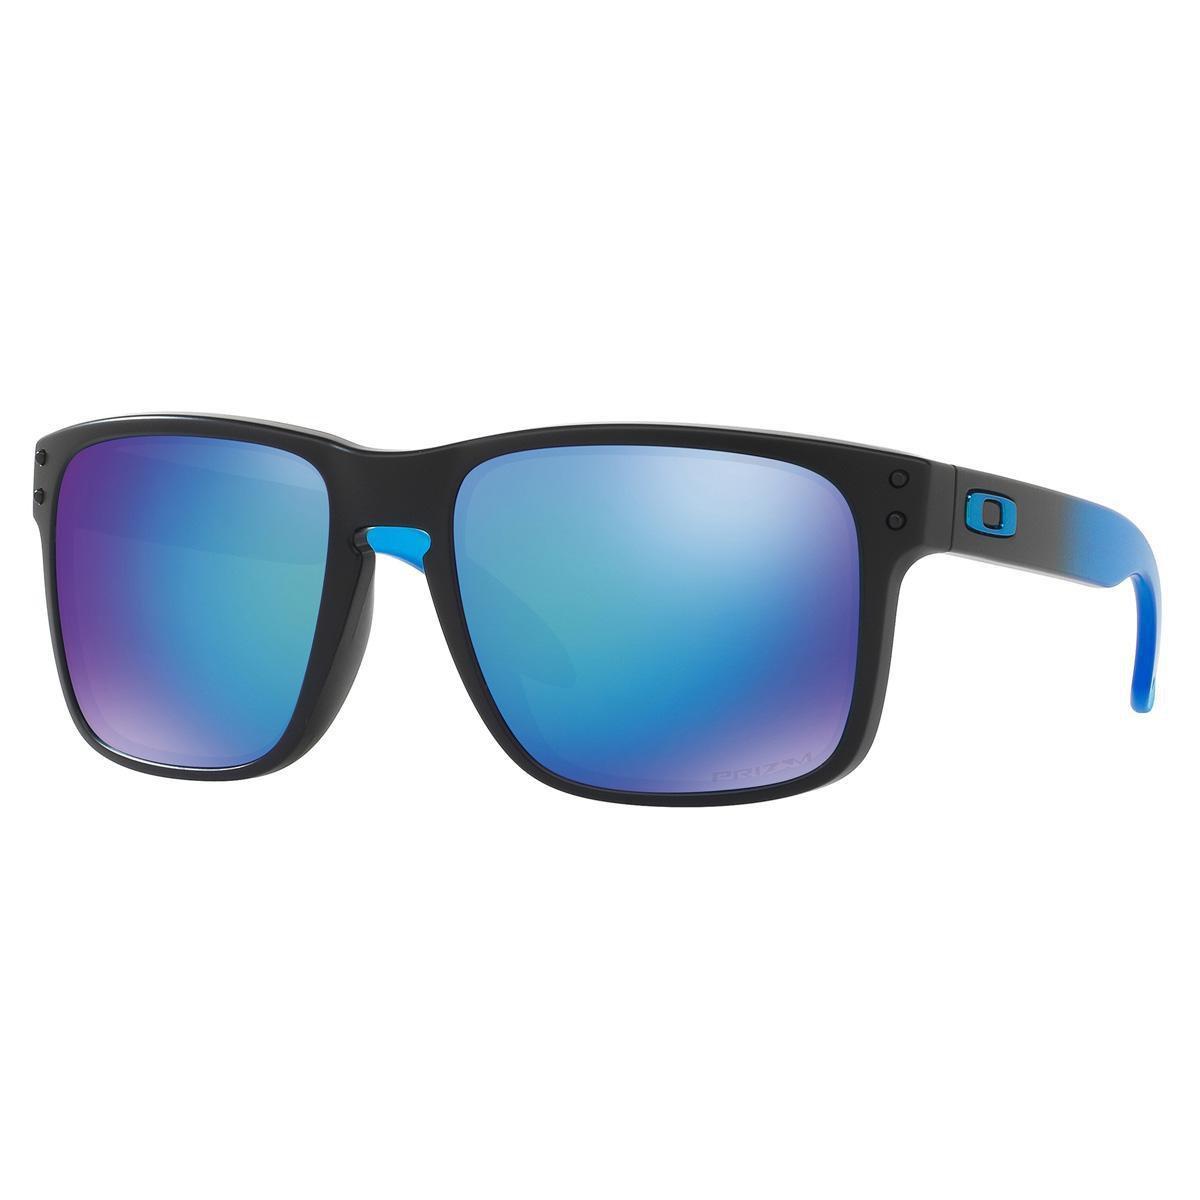 381fcd501b64a Óculos Oakley Holbrook Sapphire Fade Prizm - Compre Agora   Netshoes